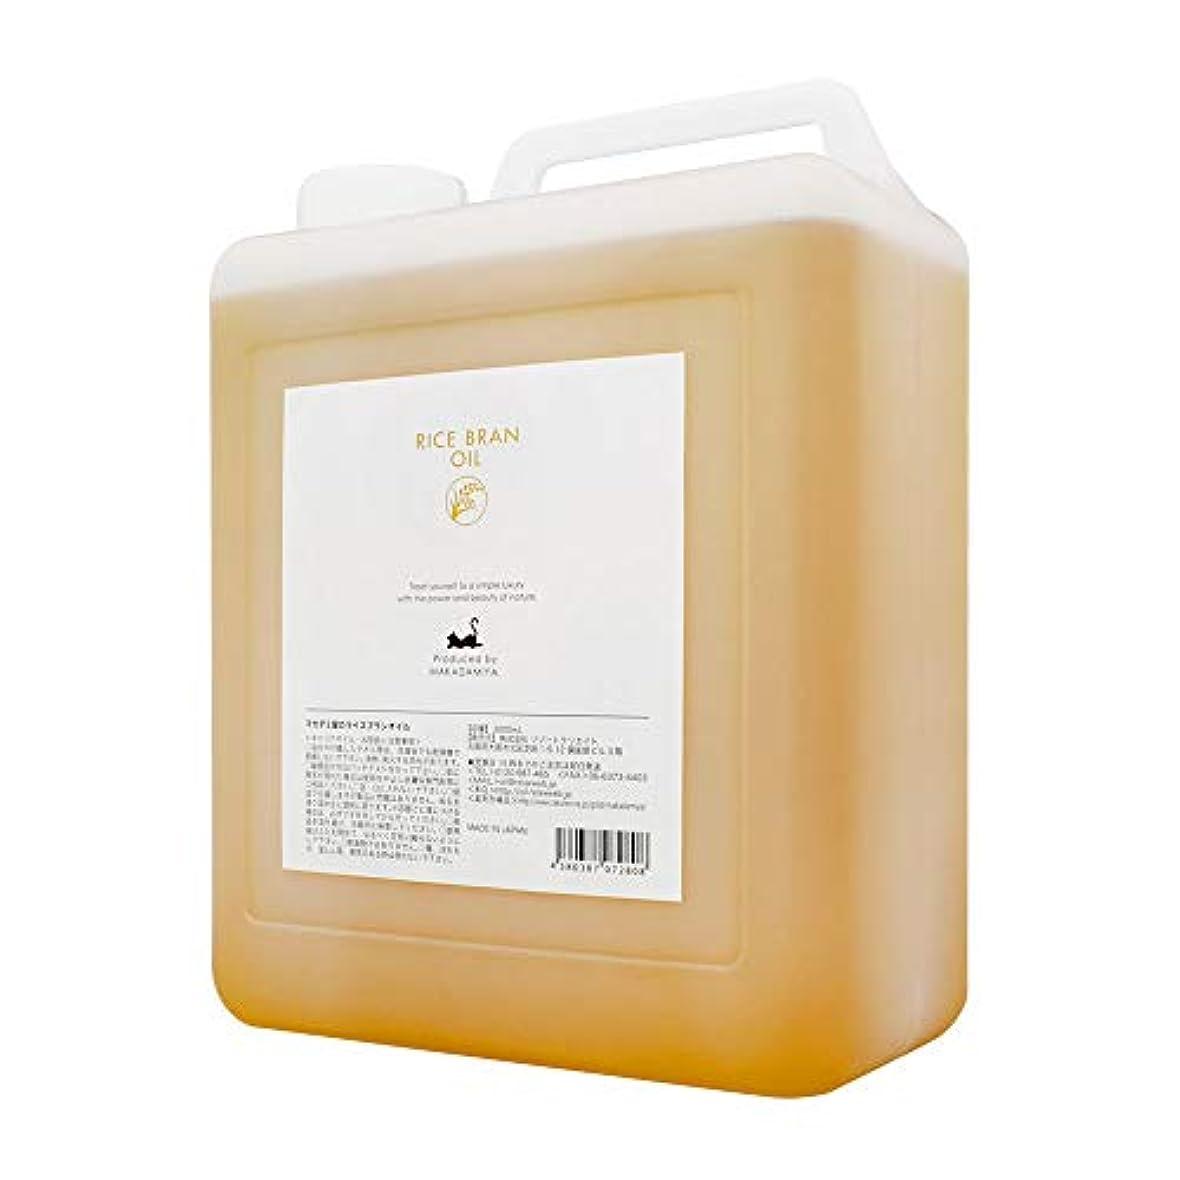 現実的露宙返りライスブランオイル3000ml (米油 米ぬか油 ライスオイル/コック付) 高級サロン仕様 マッサージオイル キャリアオイル (フェイス/ボディ用) 業務用?大容量